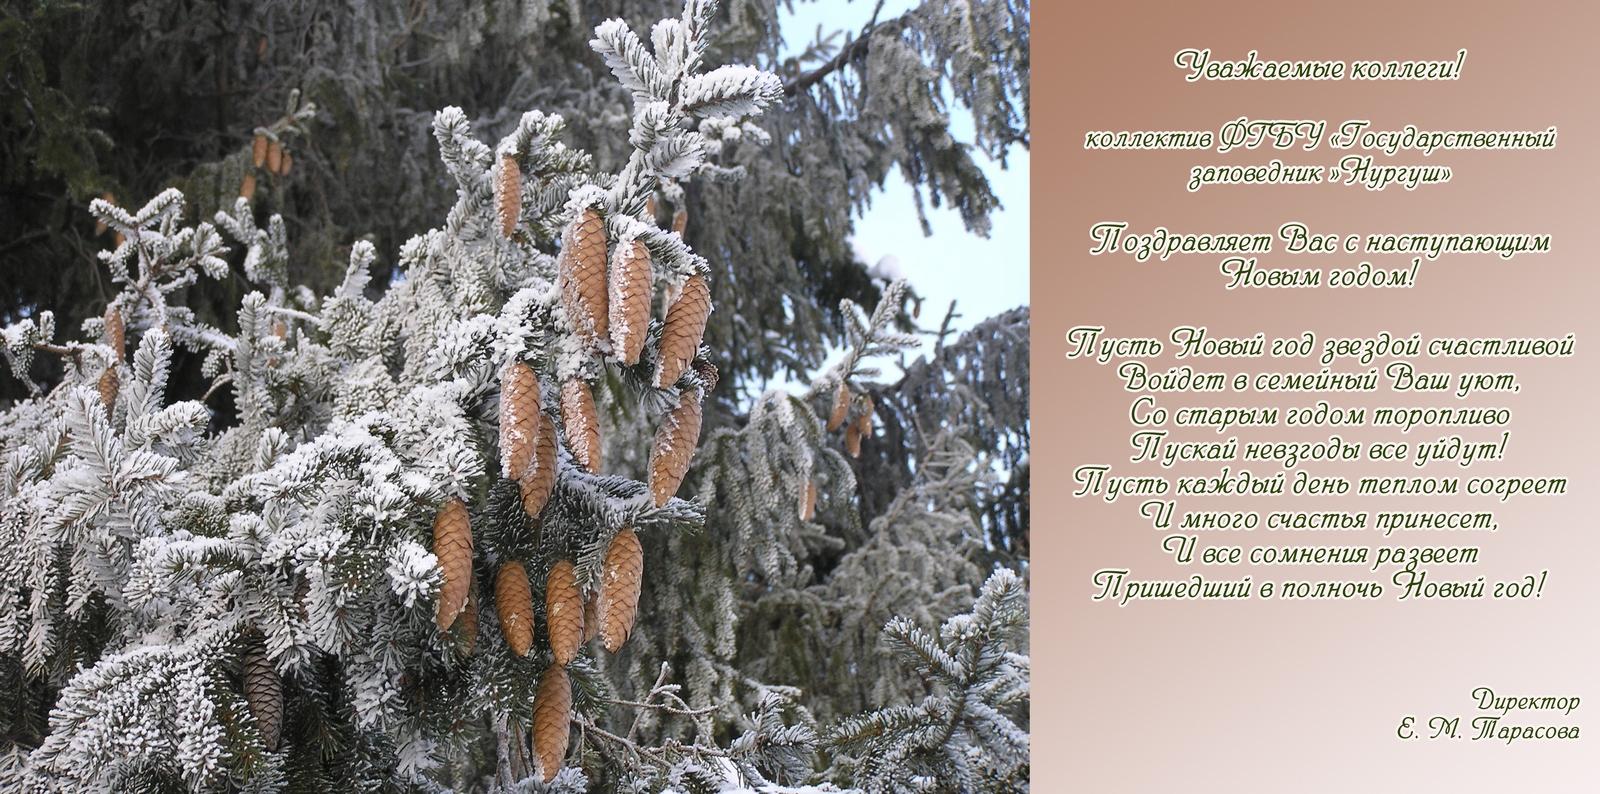 Новогоднее поздравление заповеднику